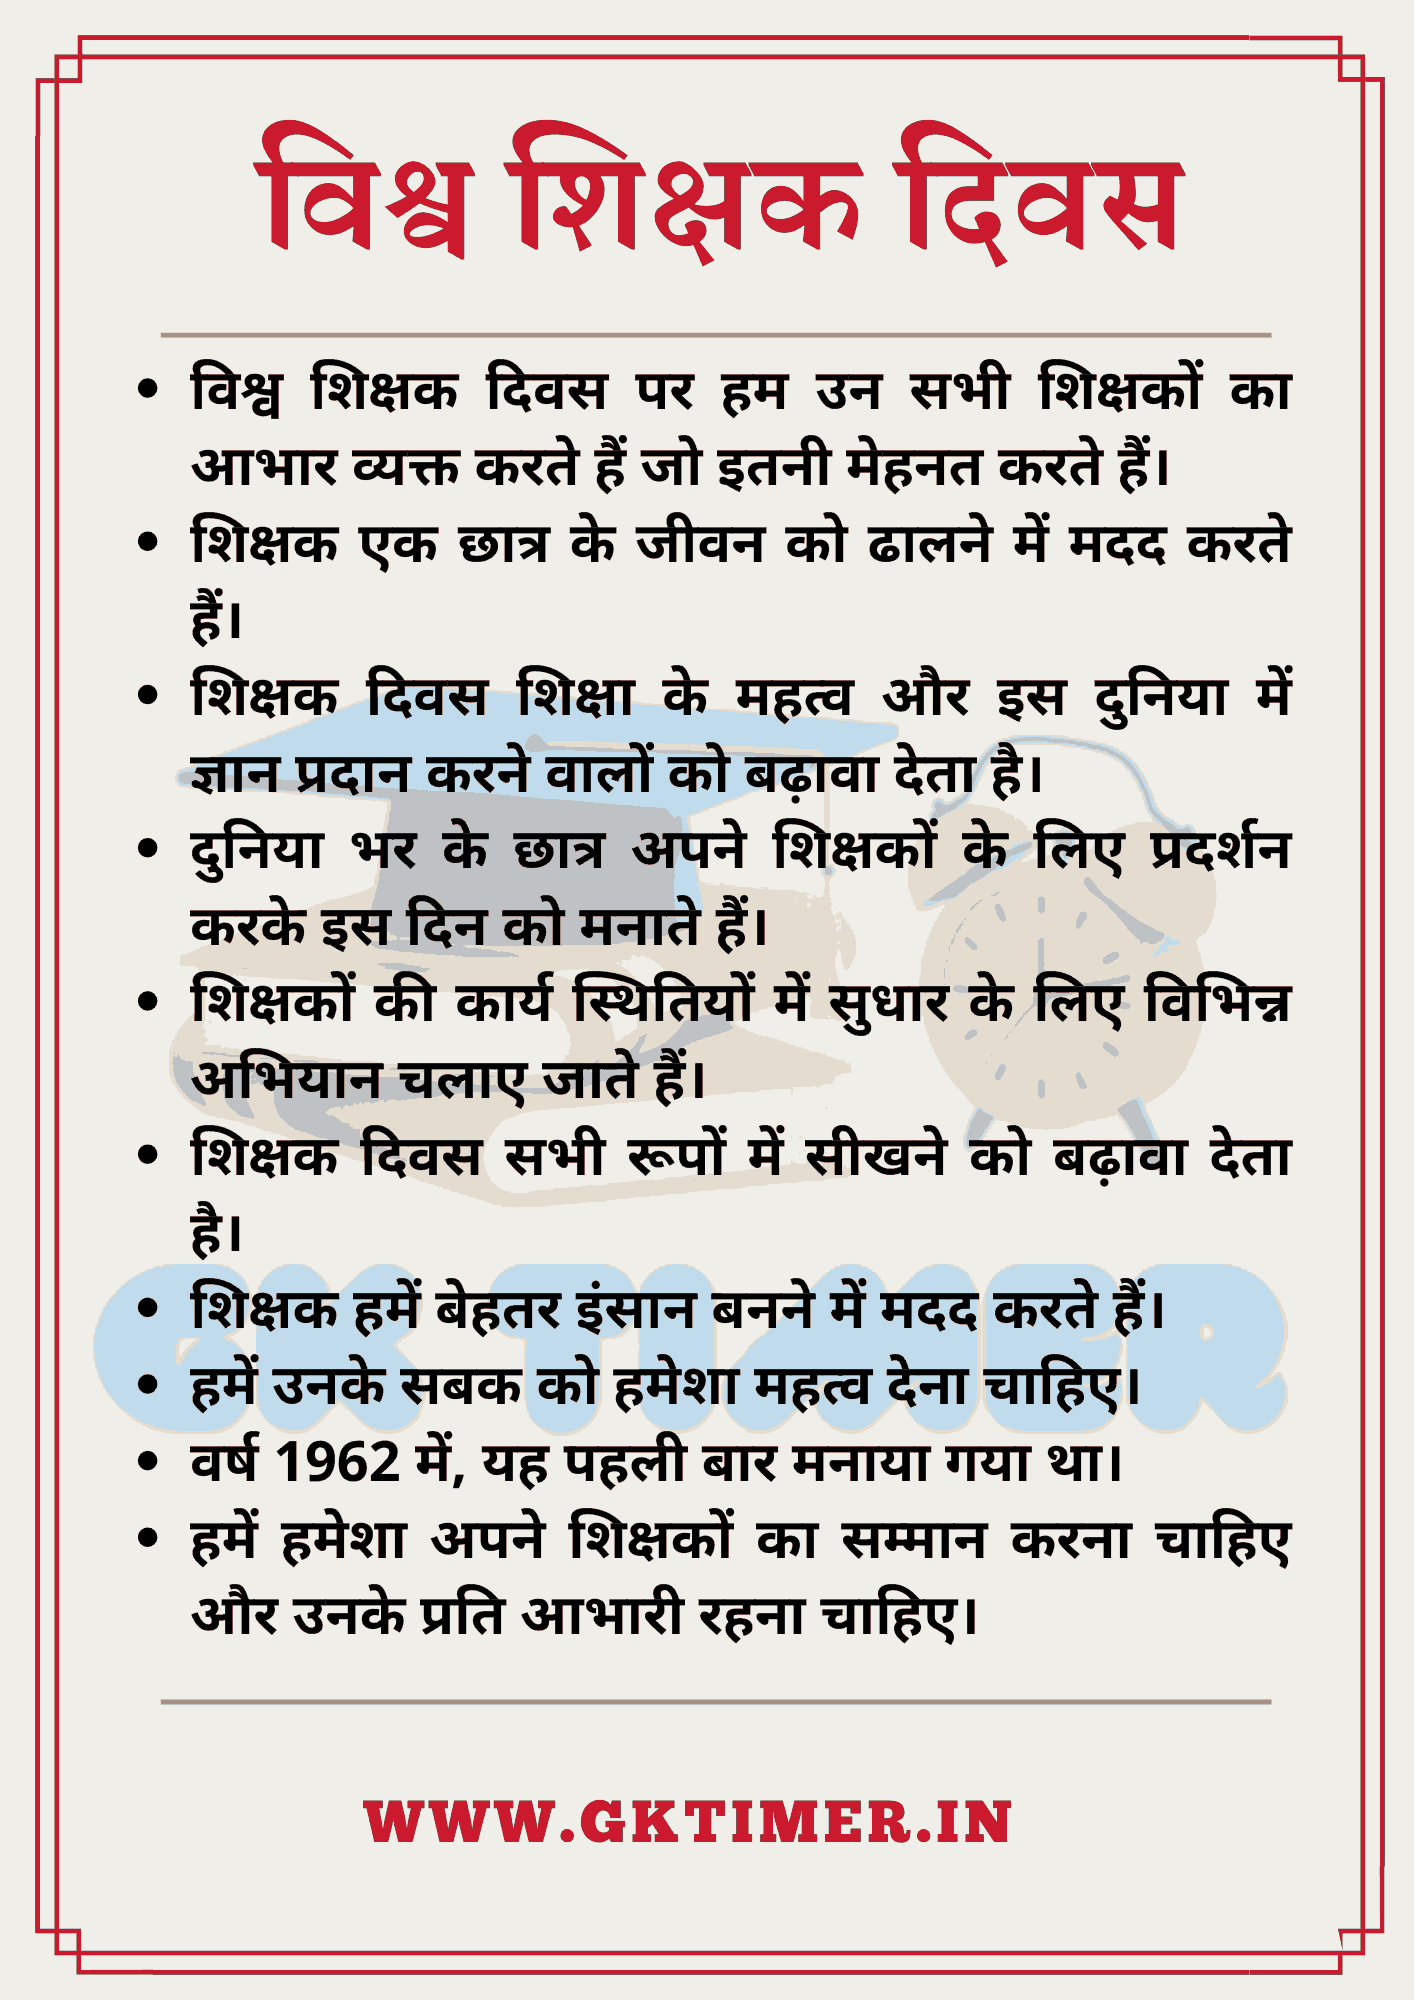 विश्व शिक्षक दिवस पर निबंध | Essay on World Teacher's Day in Hindi | 10 Lines on World Teacher's Day in Hindi